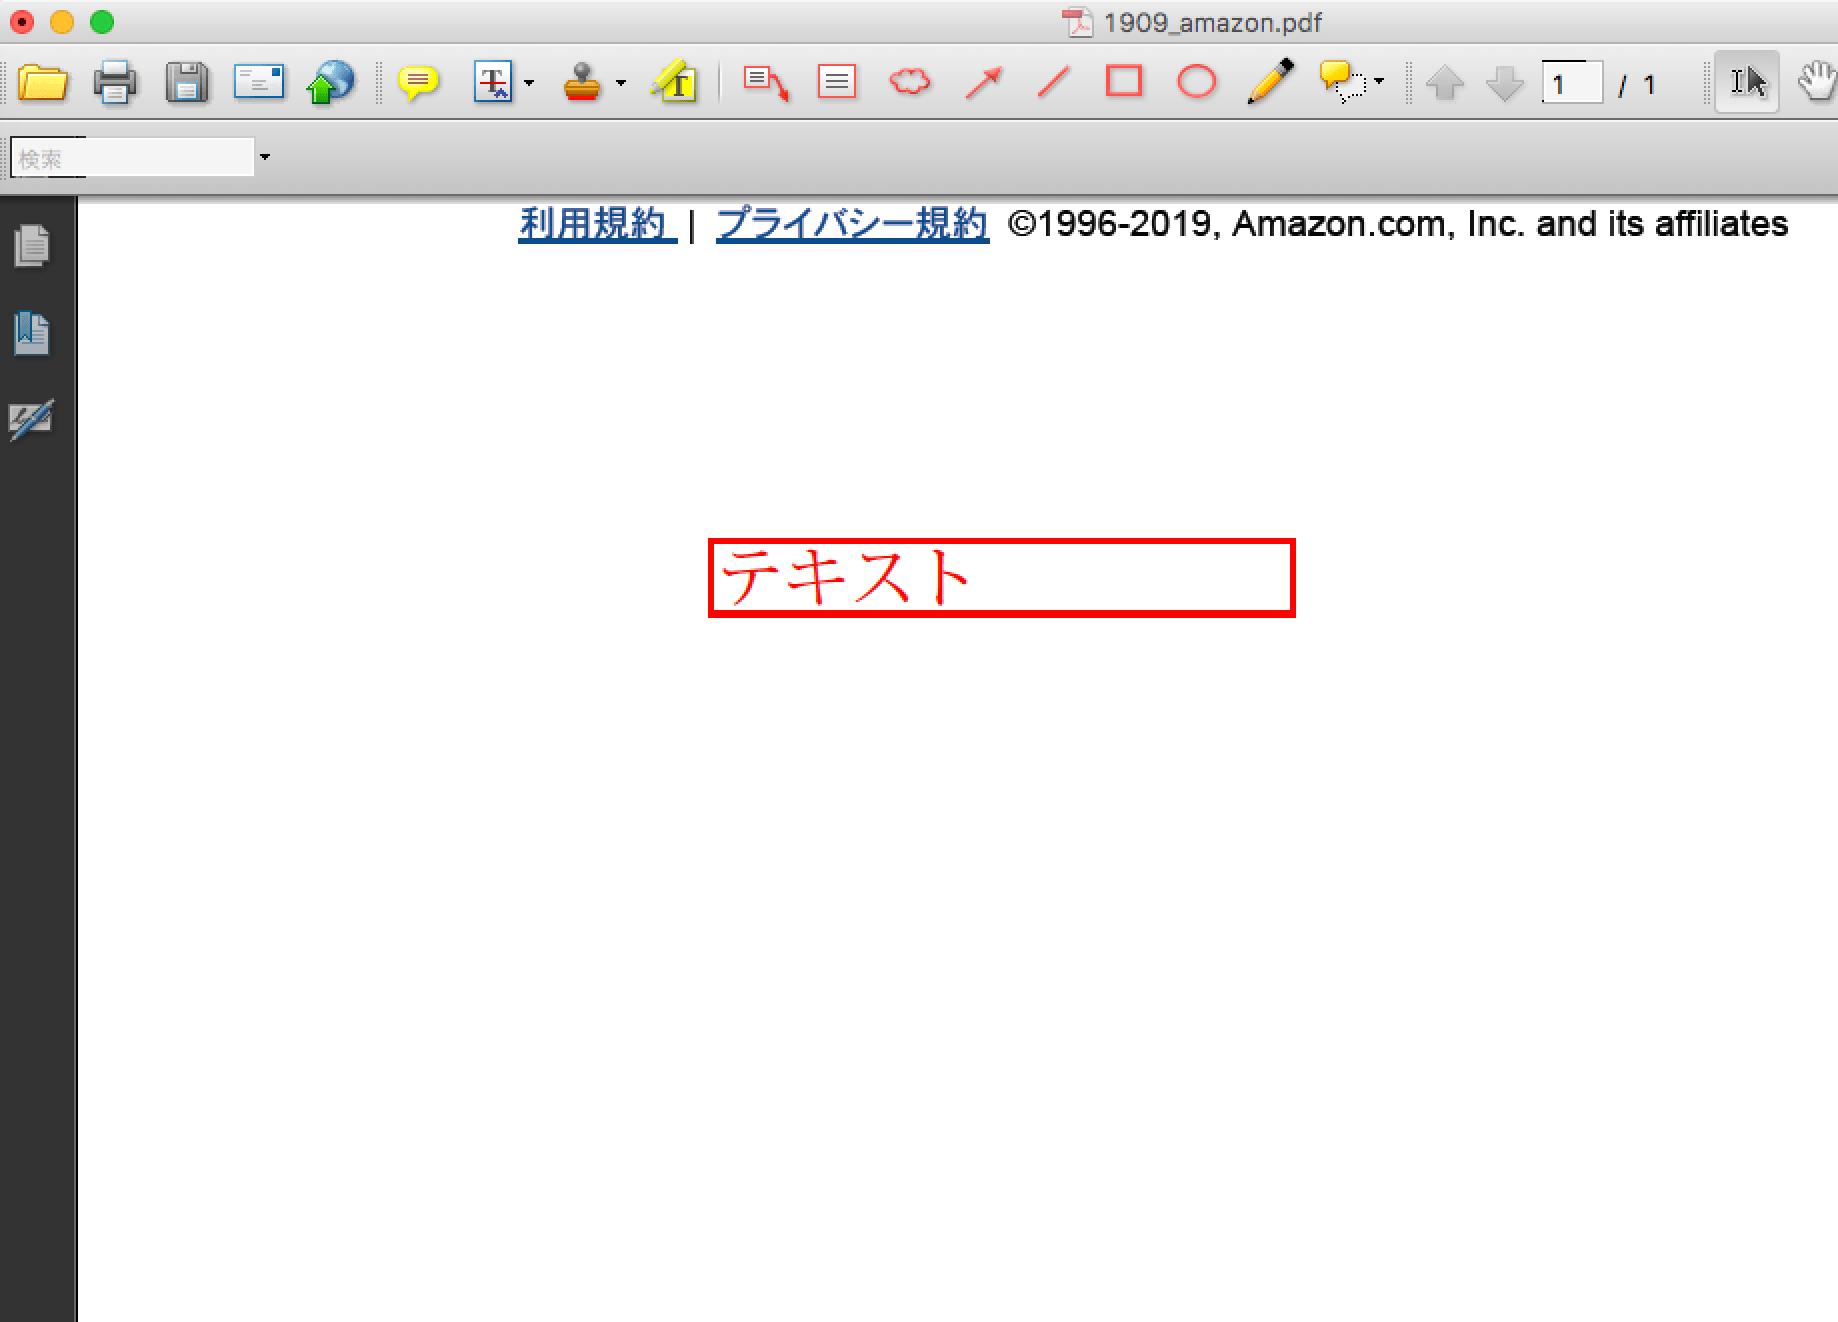 pdf 文字 消す 方法